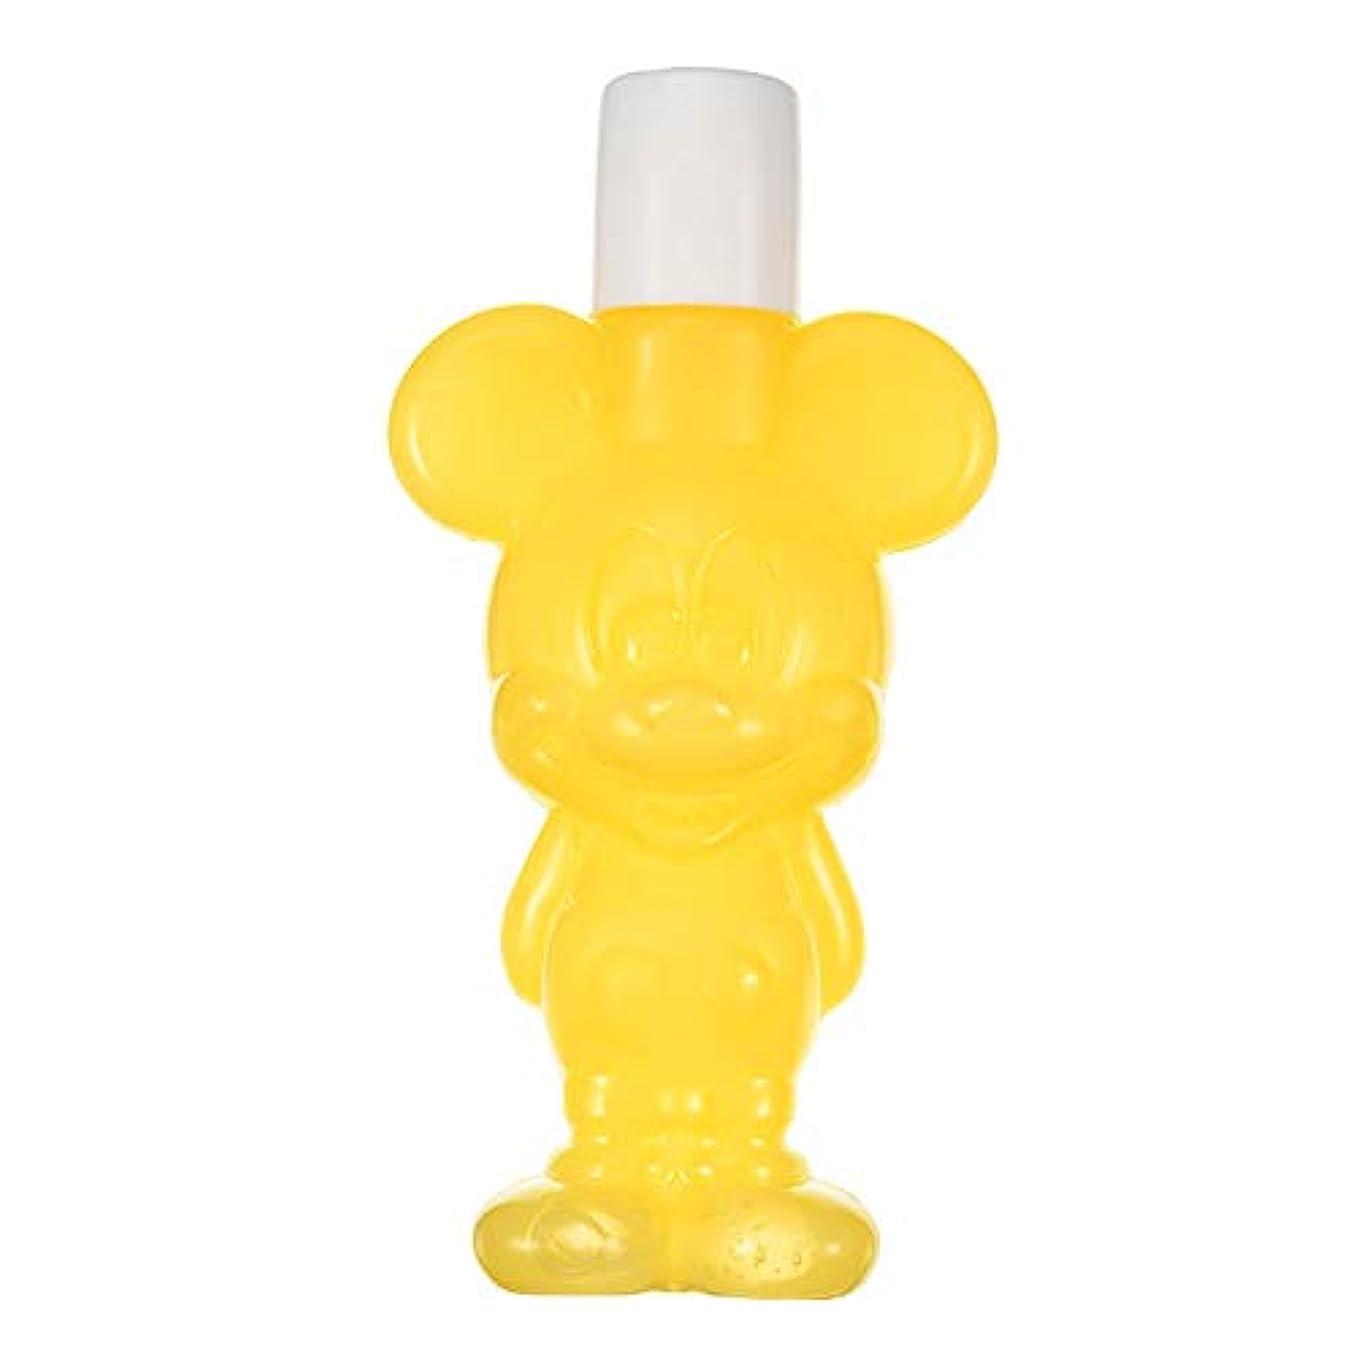 ジョージスティーブンソン欺く表向きディズニーストア(公式)保湿ジェル ミッキー イエロー Gummy Candy Cosme